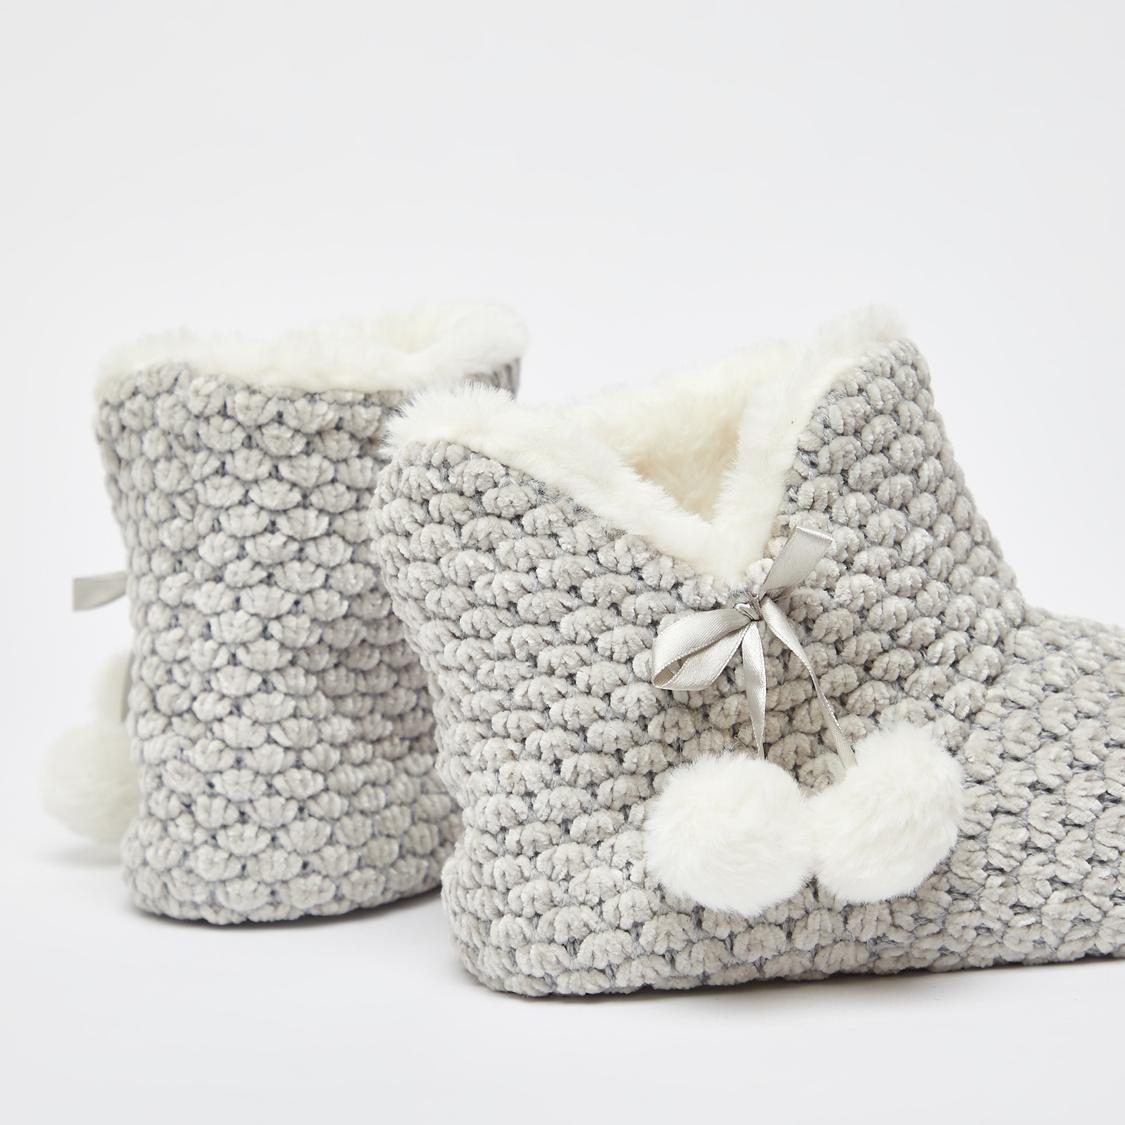 حذاء طويل لغرفة النوم بارز الملمس بزينة فيونكة  و كرات بوم بوم